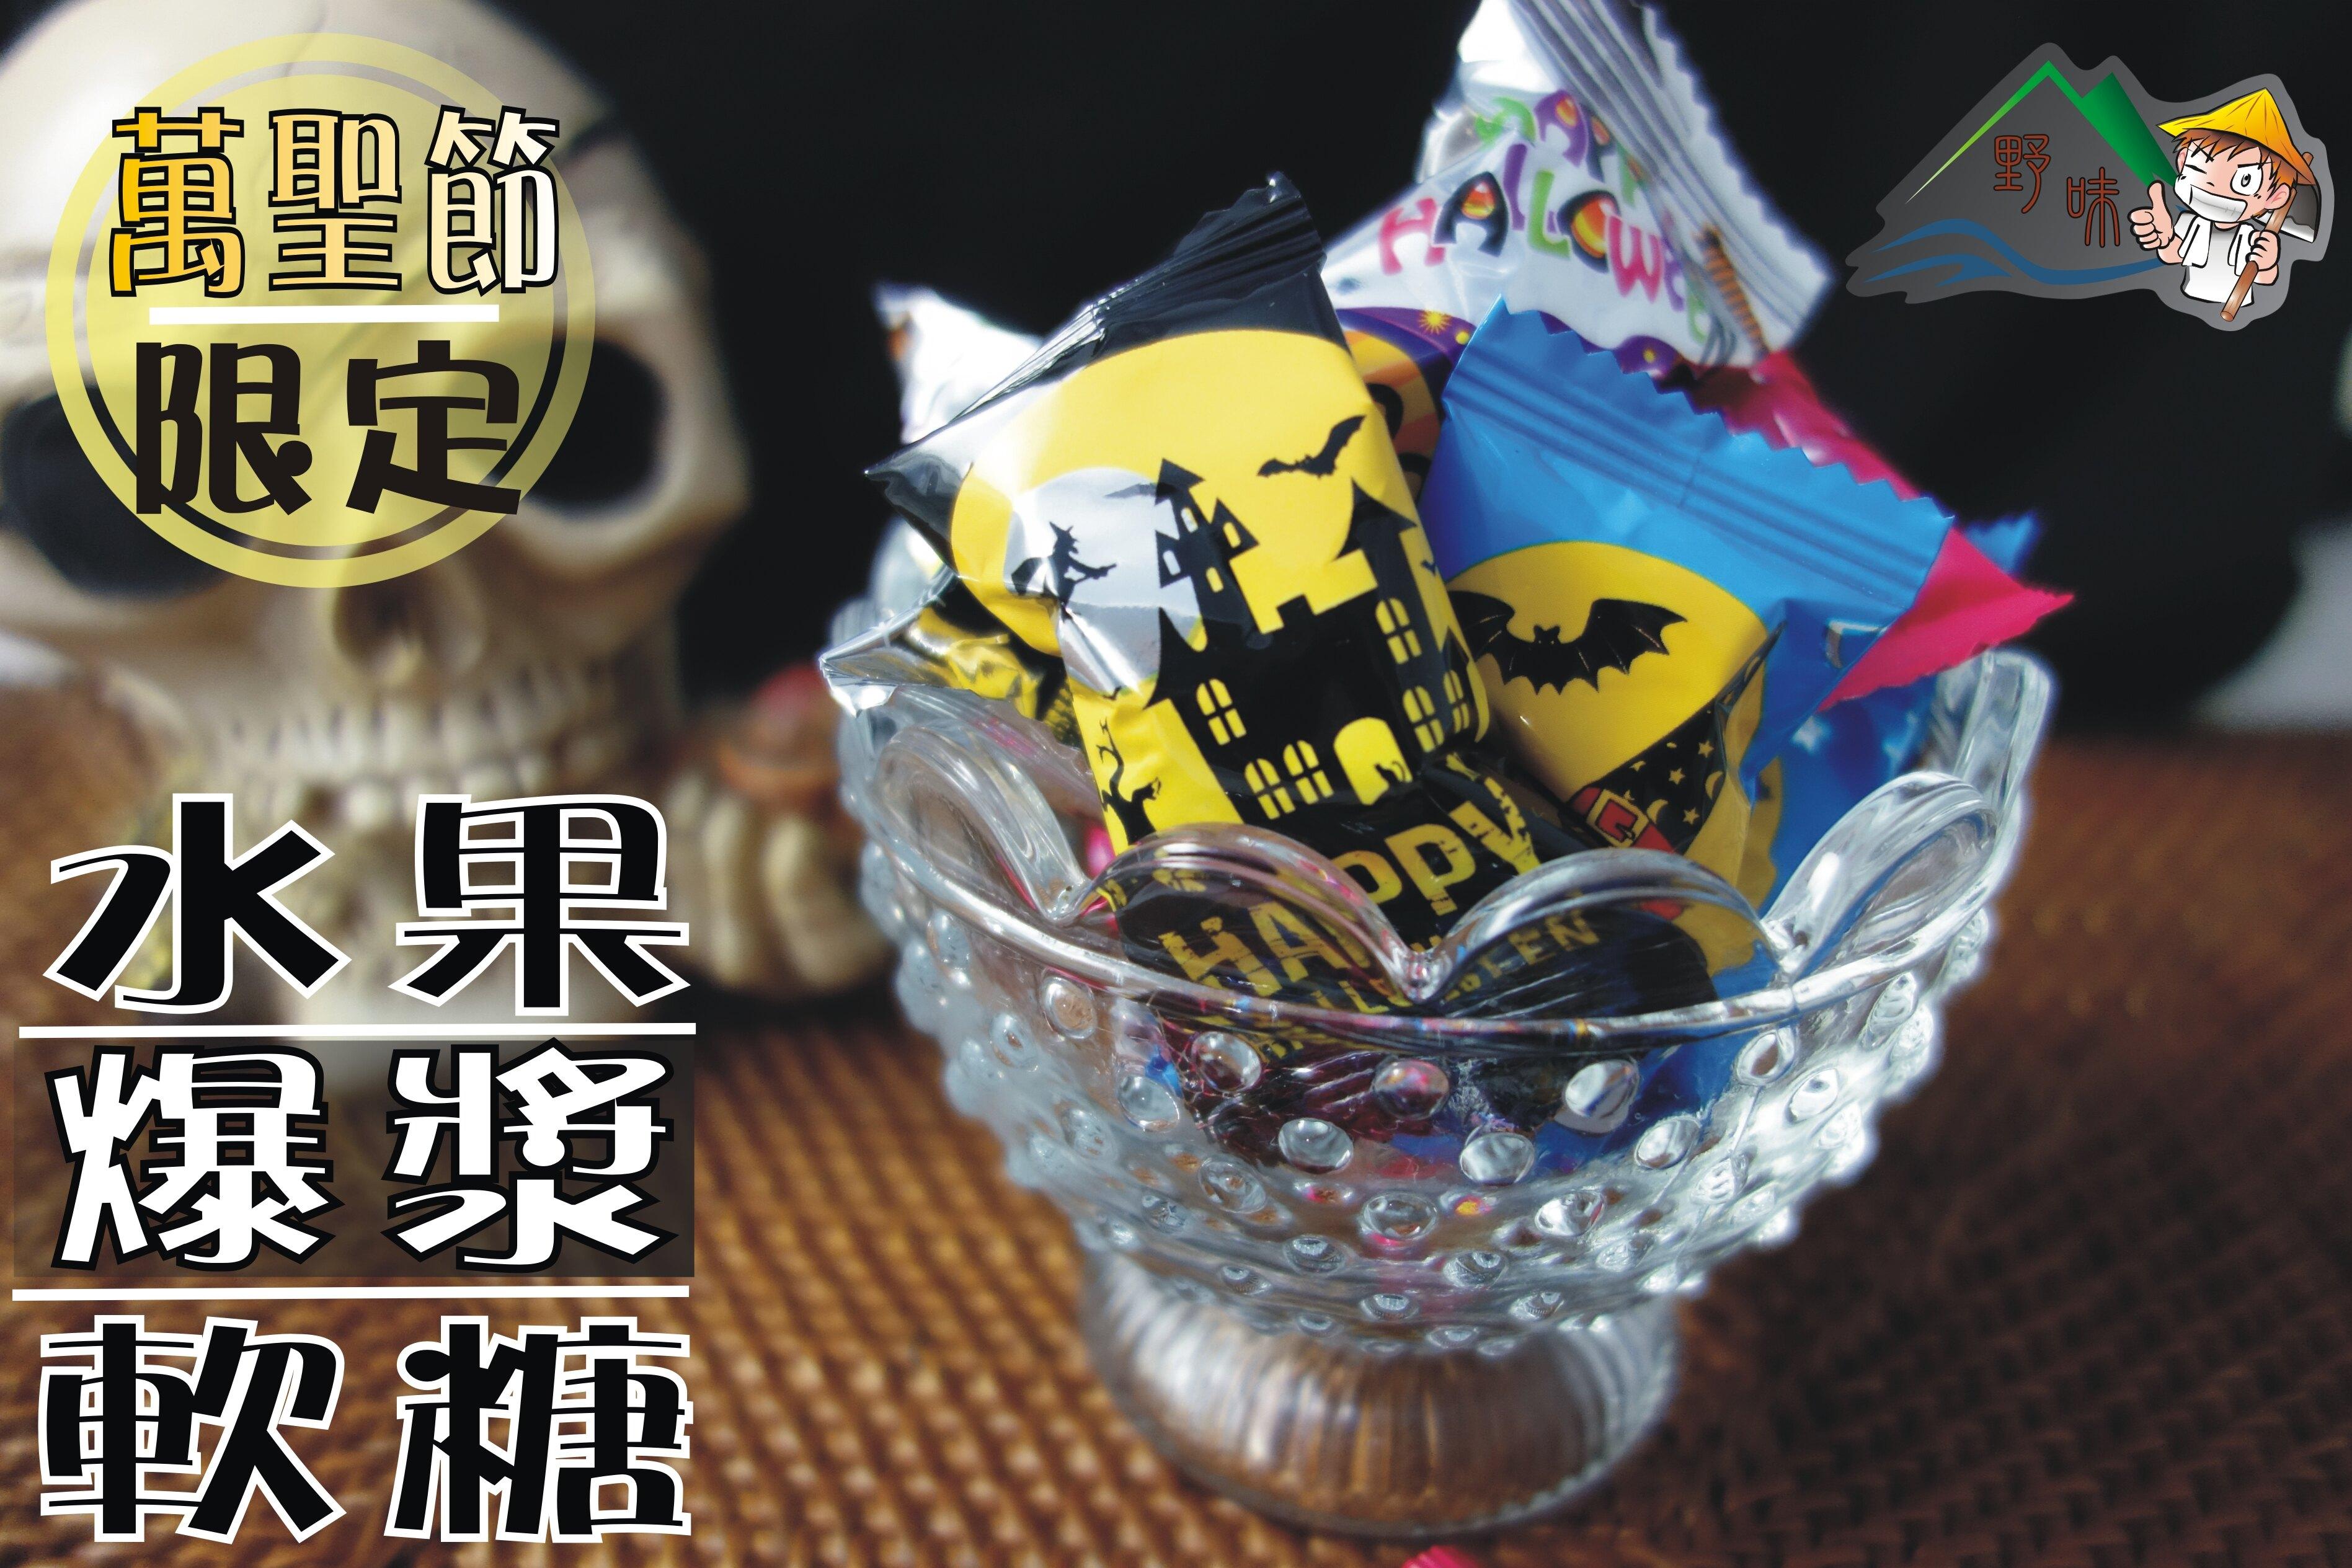 【野味食品】【萬聖節糖果軟糖】萬聖水果爆漿軟糖180g/包,400g/包,3000g/包(桃園實體店面出貨)。人氣店家野味食品的萬聖節限定商品有最棒的商品。快到日本NO.1的Rakuten樂天市場的安